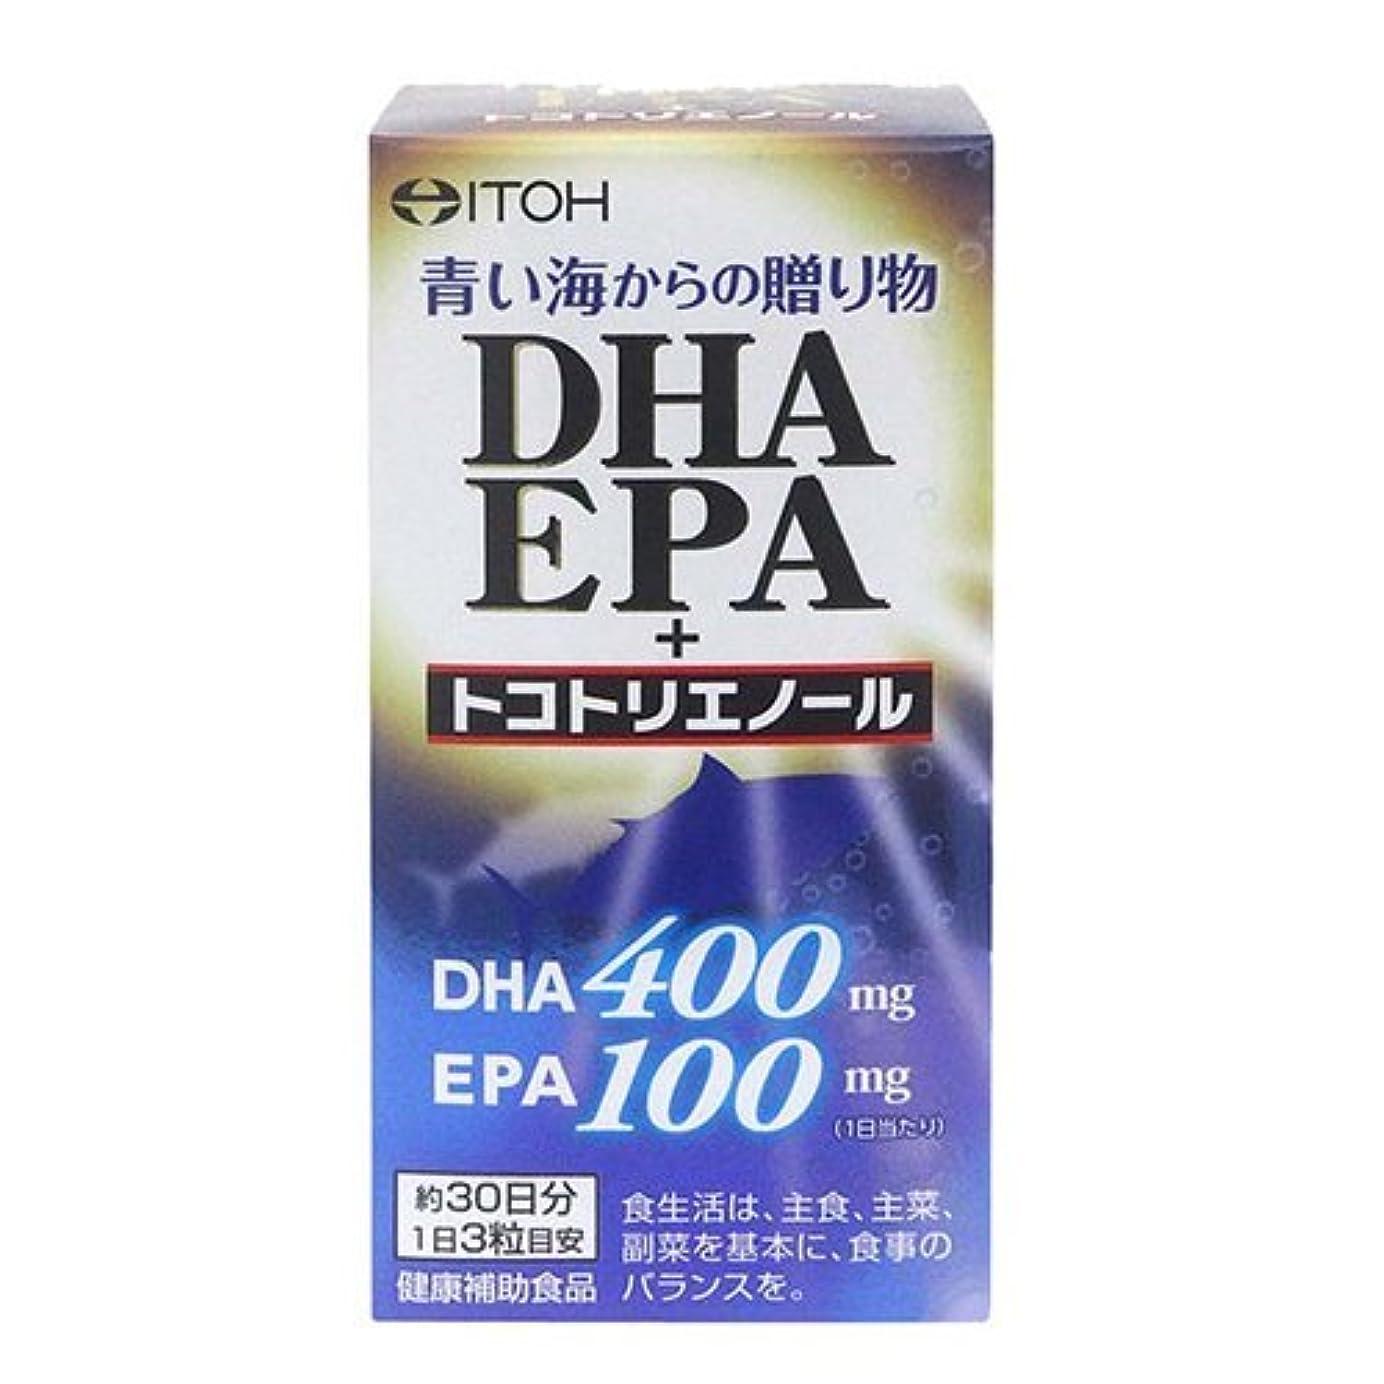 未亡人大工相反する井藤漢方製薬 DHA EPA+トコトリエノール 約30日分 90粒 Japan